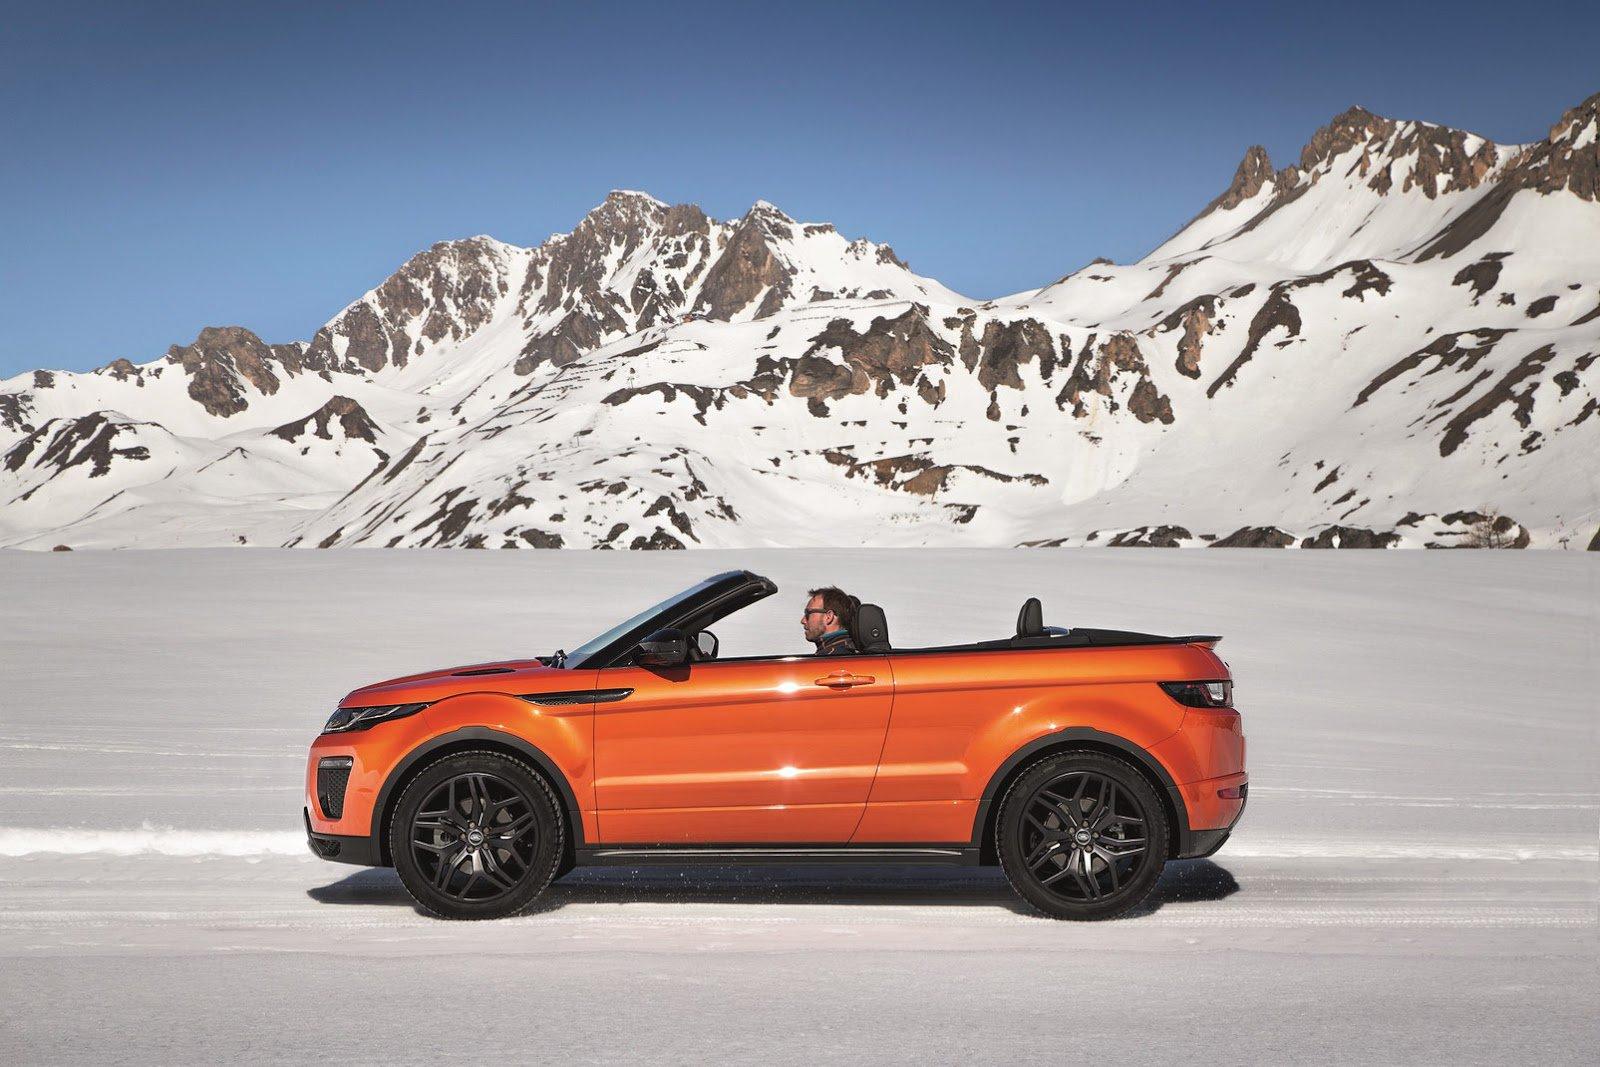 Видео-трейлер кабриолета Range Rover Evoque